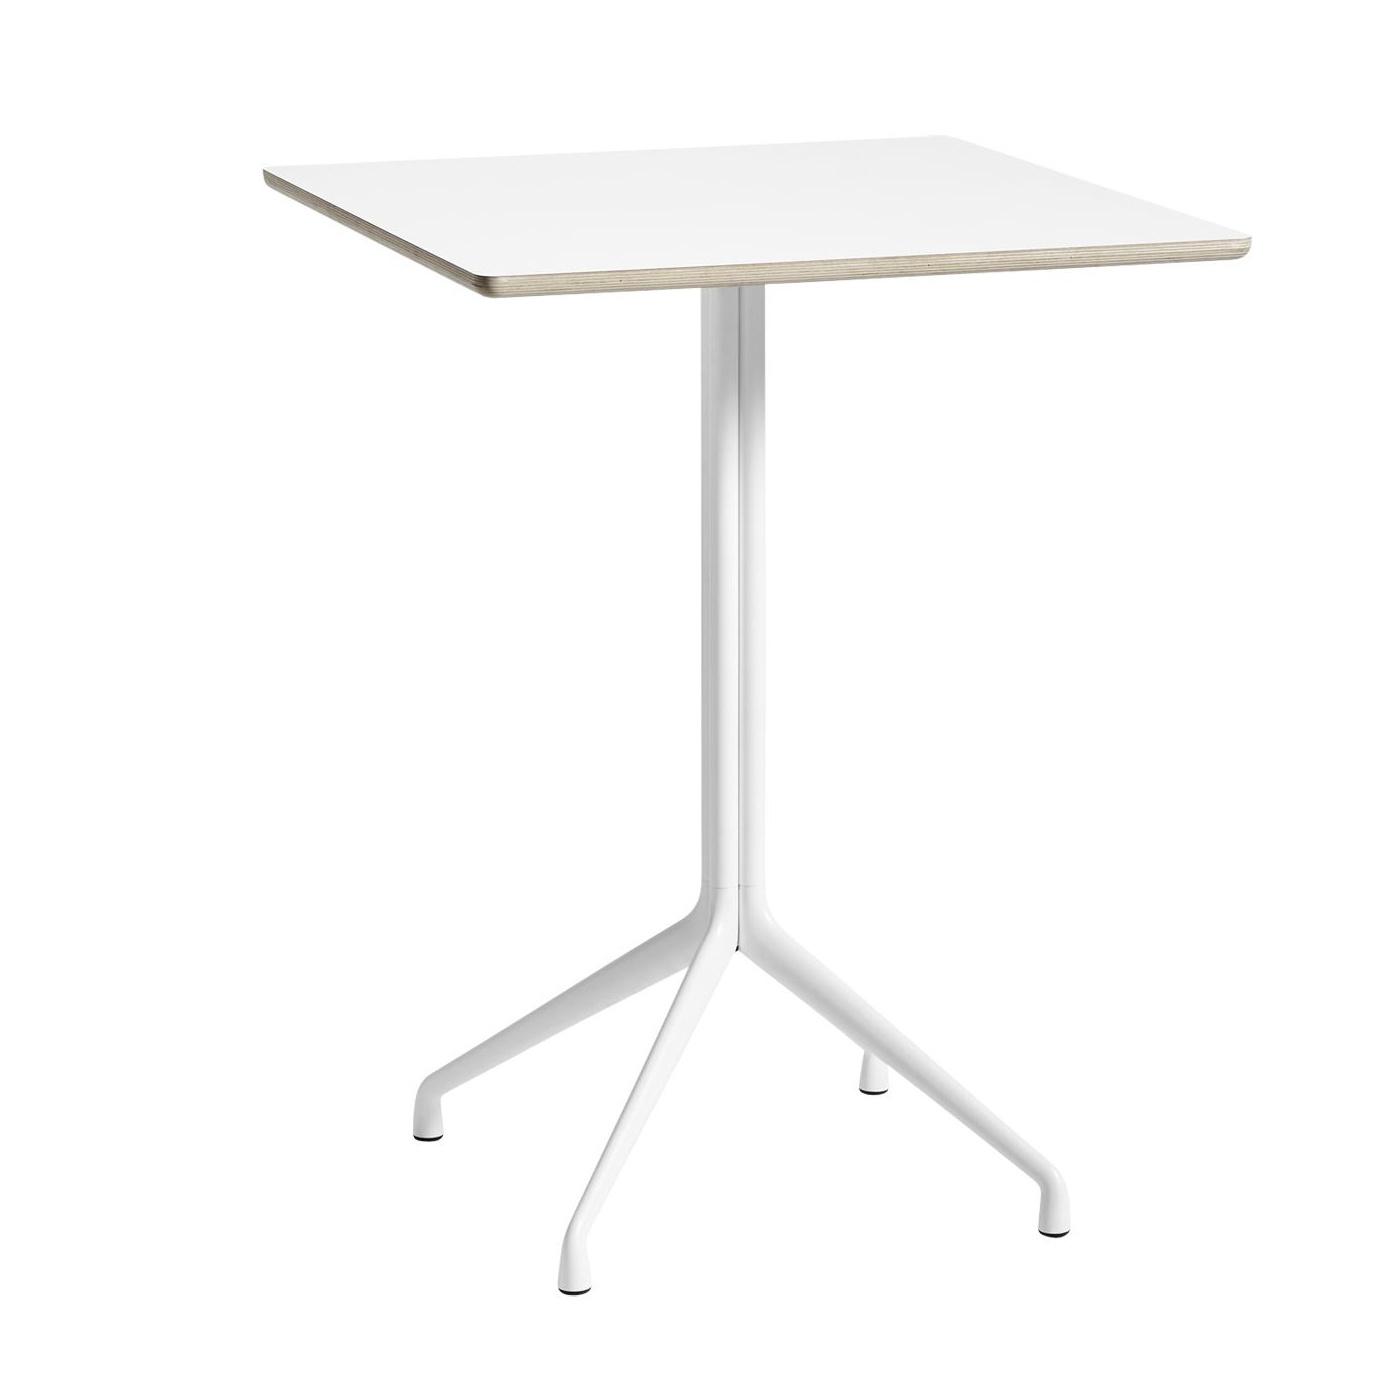 HAY - About a Table AAT15 Stehtisch 80x80cm - weiß/Tischplatte Laminat/Kante holzfarben/H 105cm   Baumarkt > Bodenbeläge > Laminat   HAY